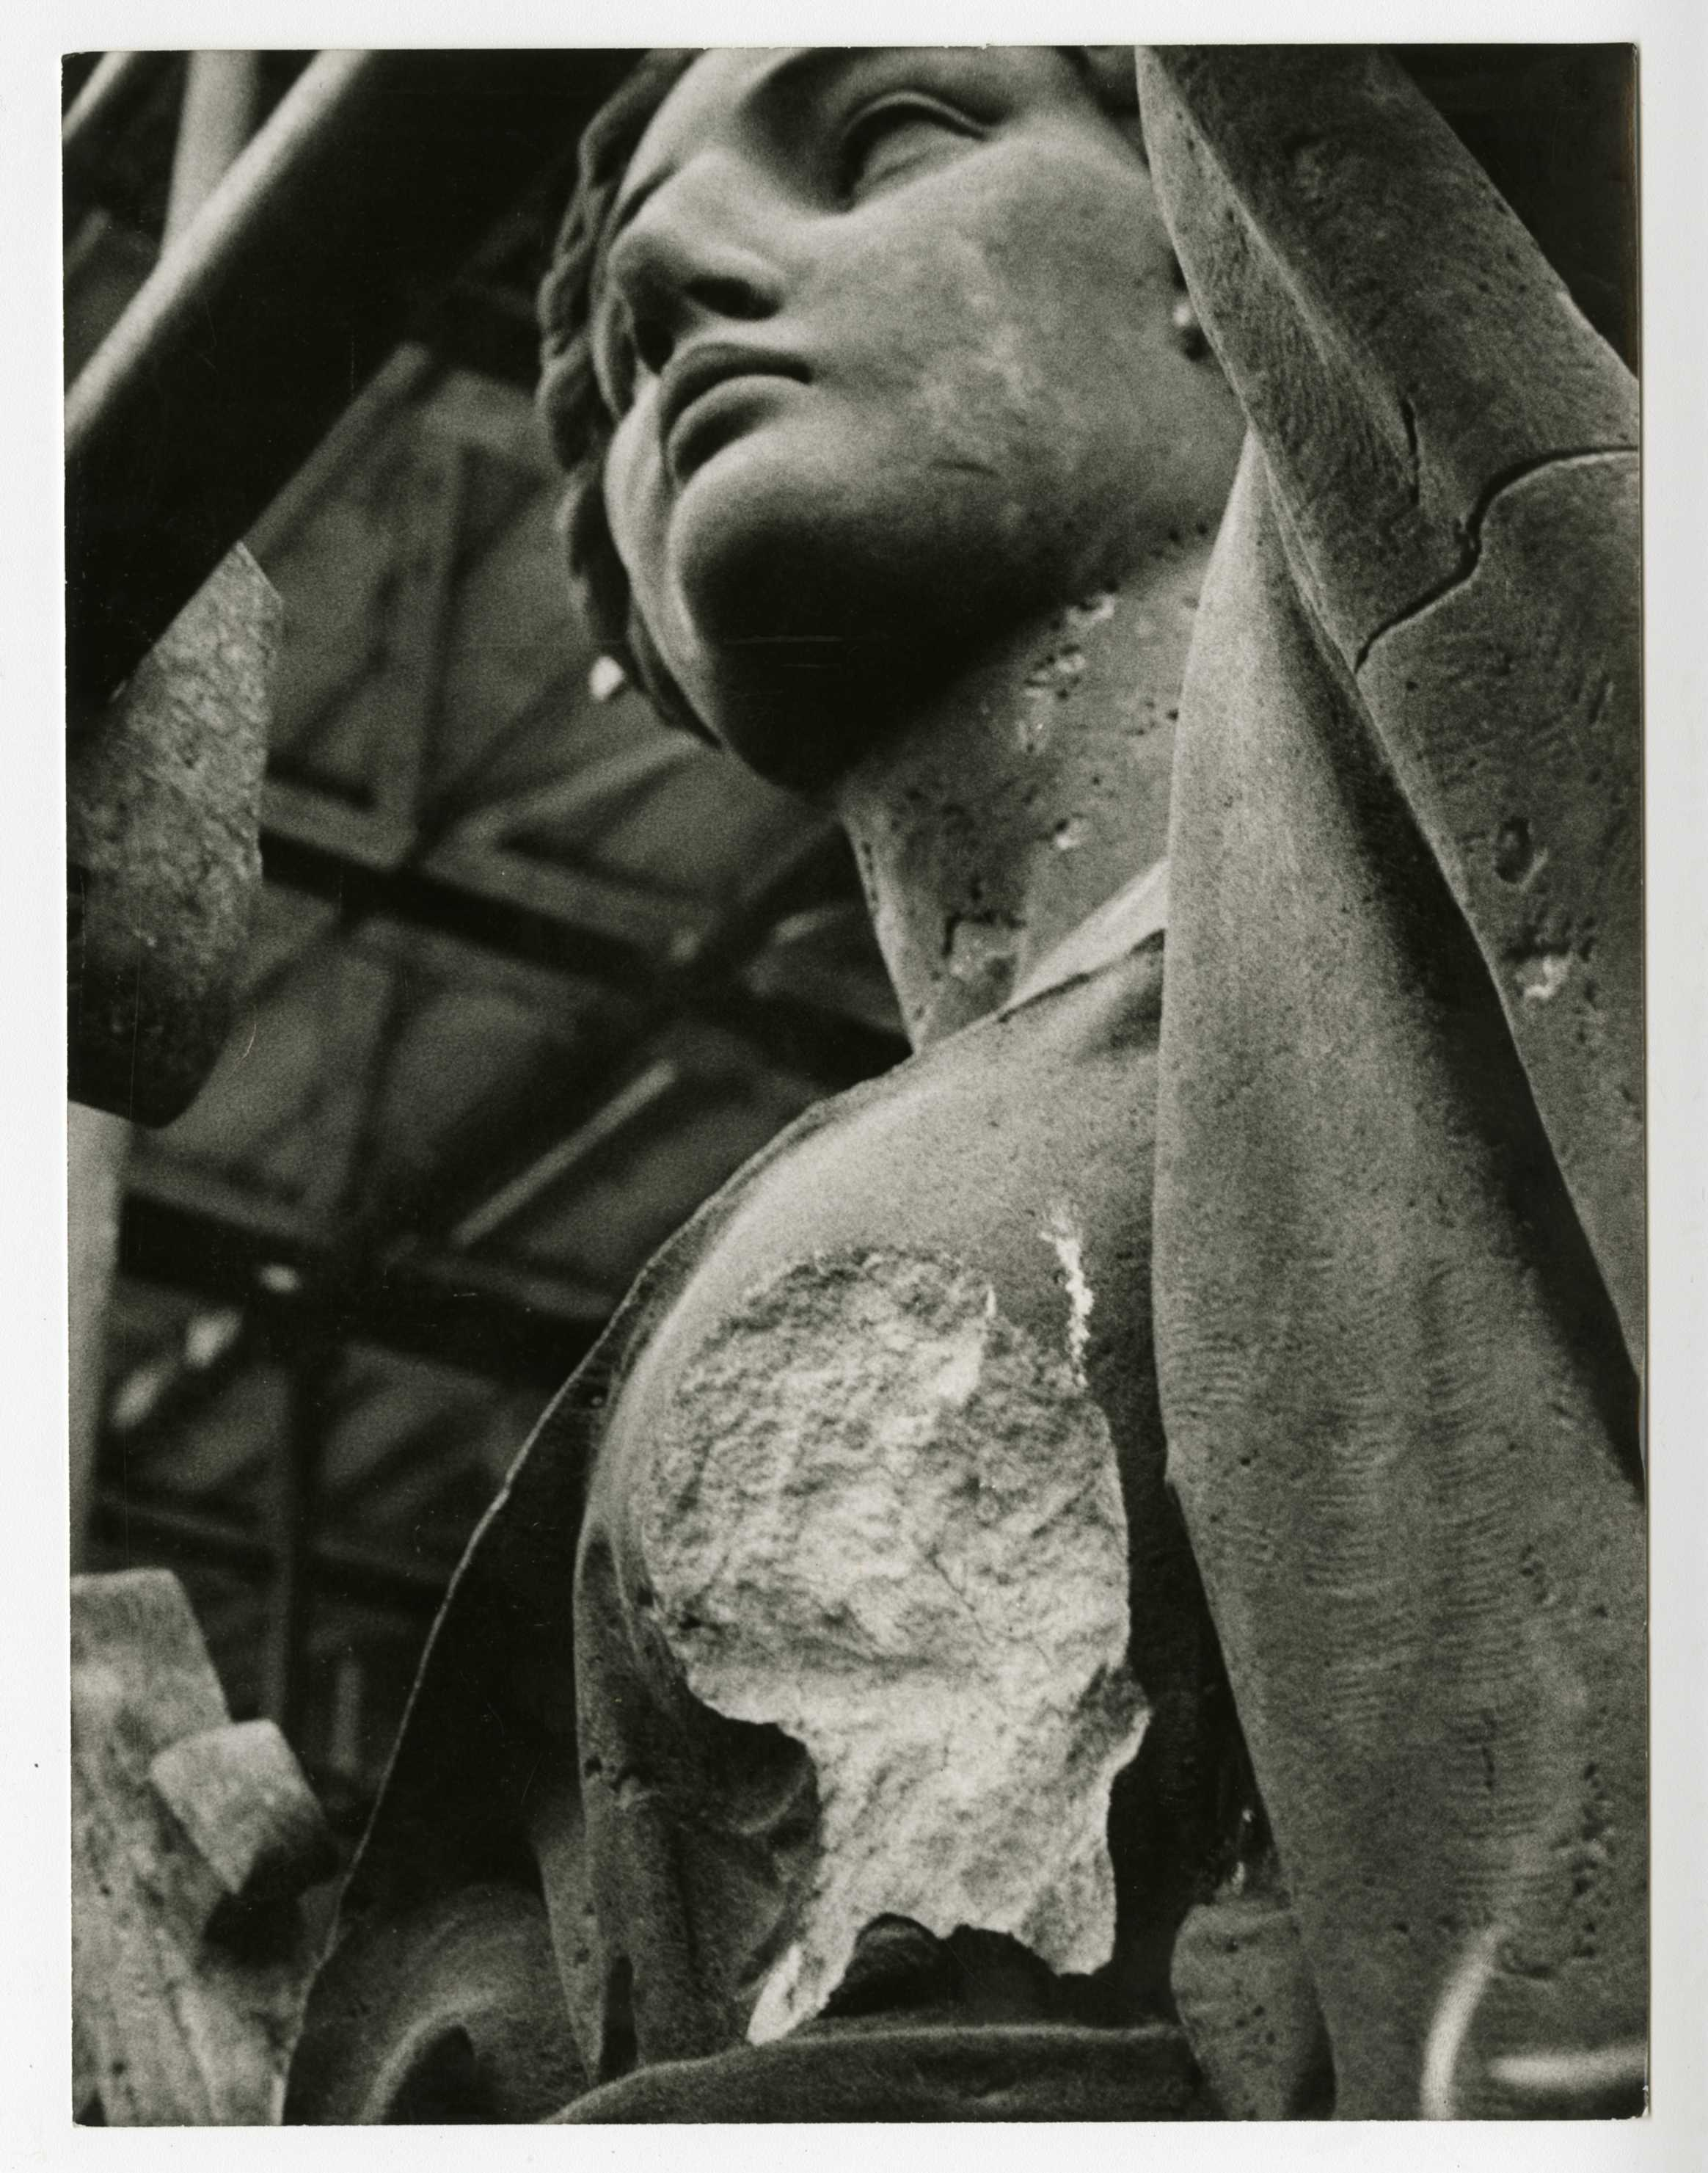 Fotografie. Socha poškozená střelbou v roce 1968. Zdroj: Národní muzeum